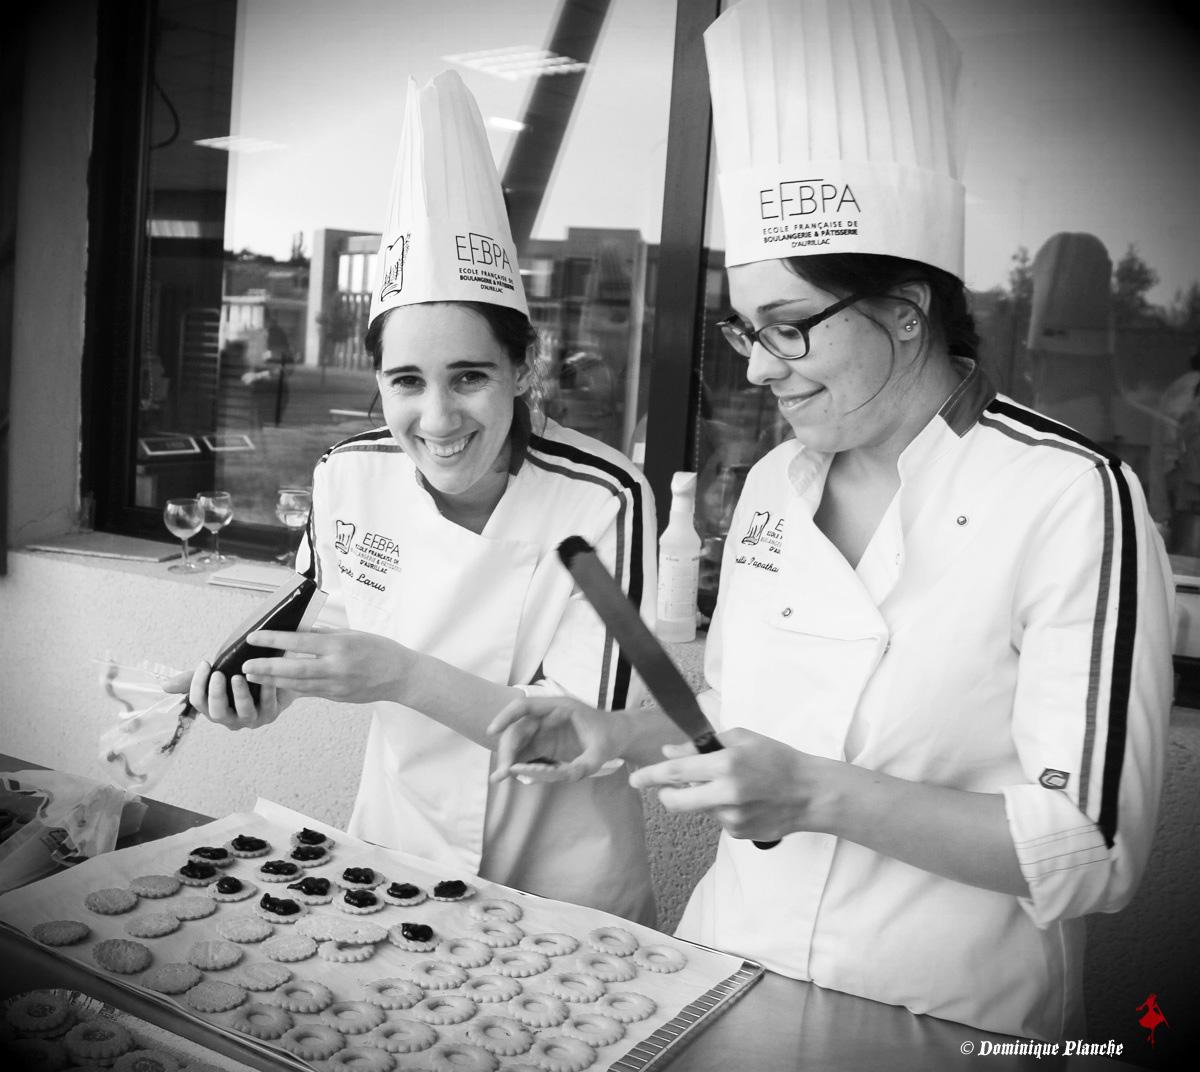 685668a0de9a8 Escapade à l école de patisserie   boulangerie d Aurillac